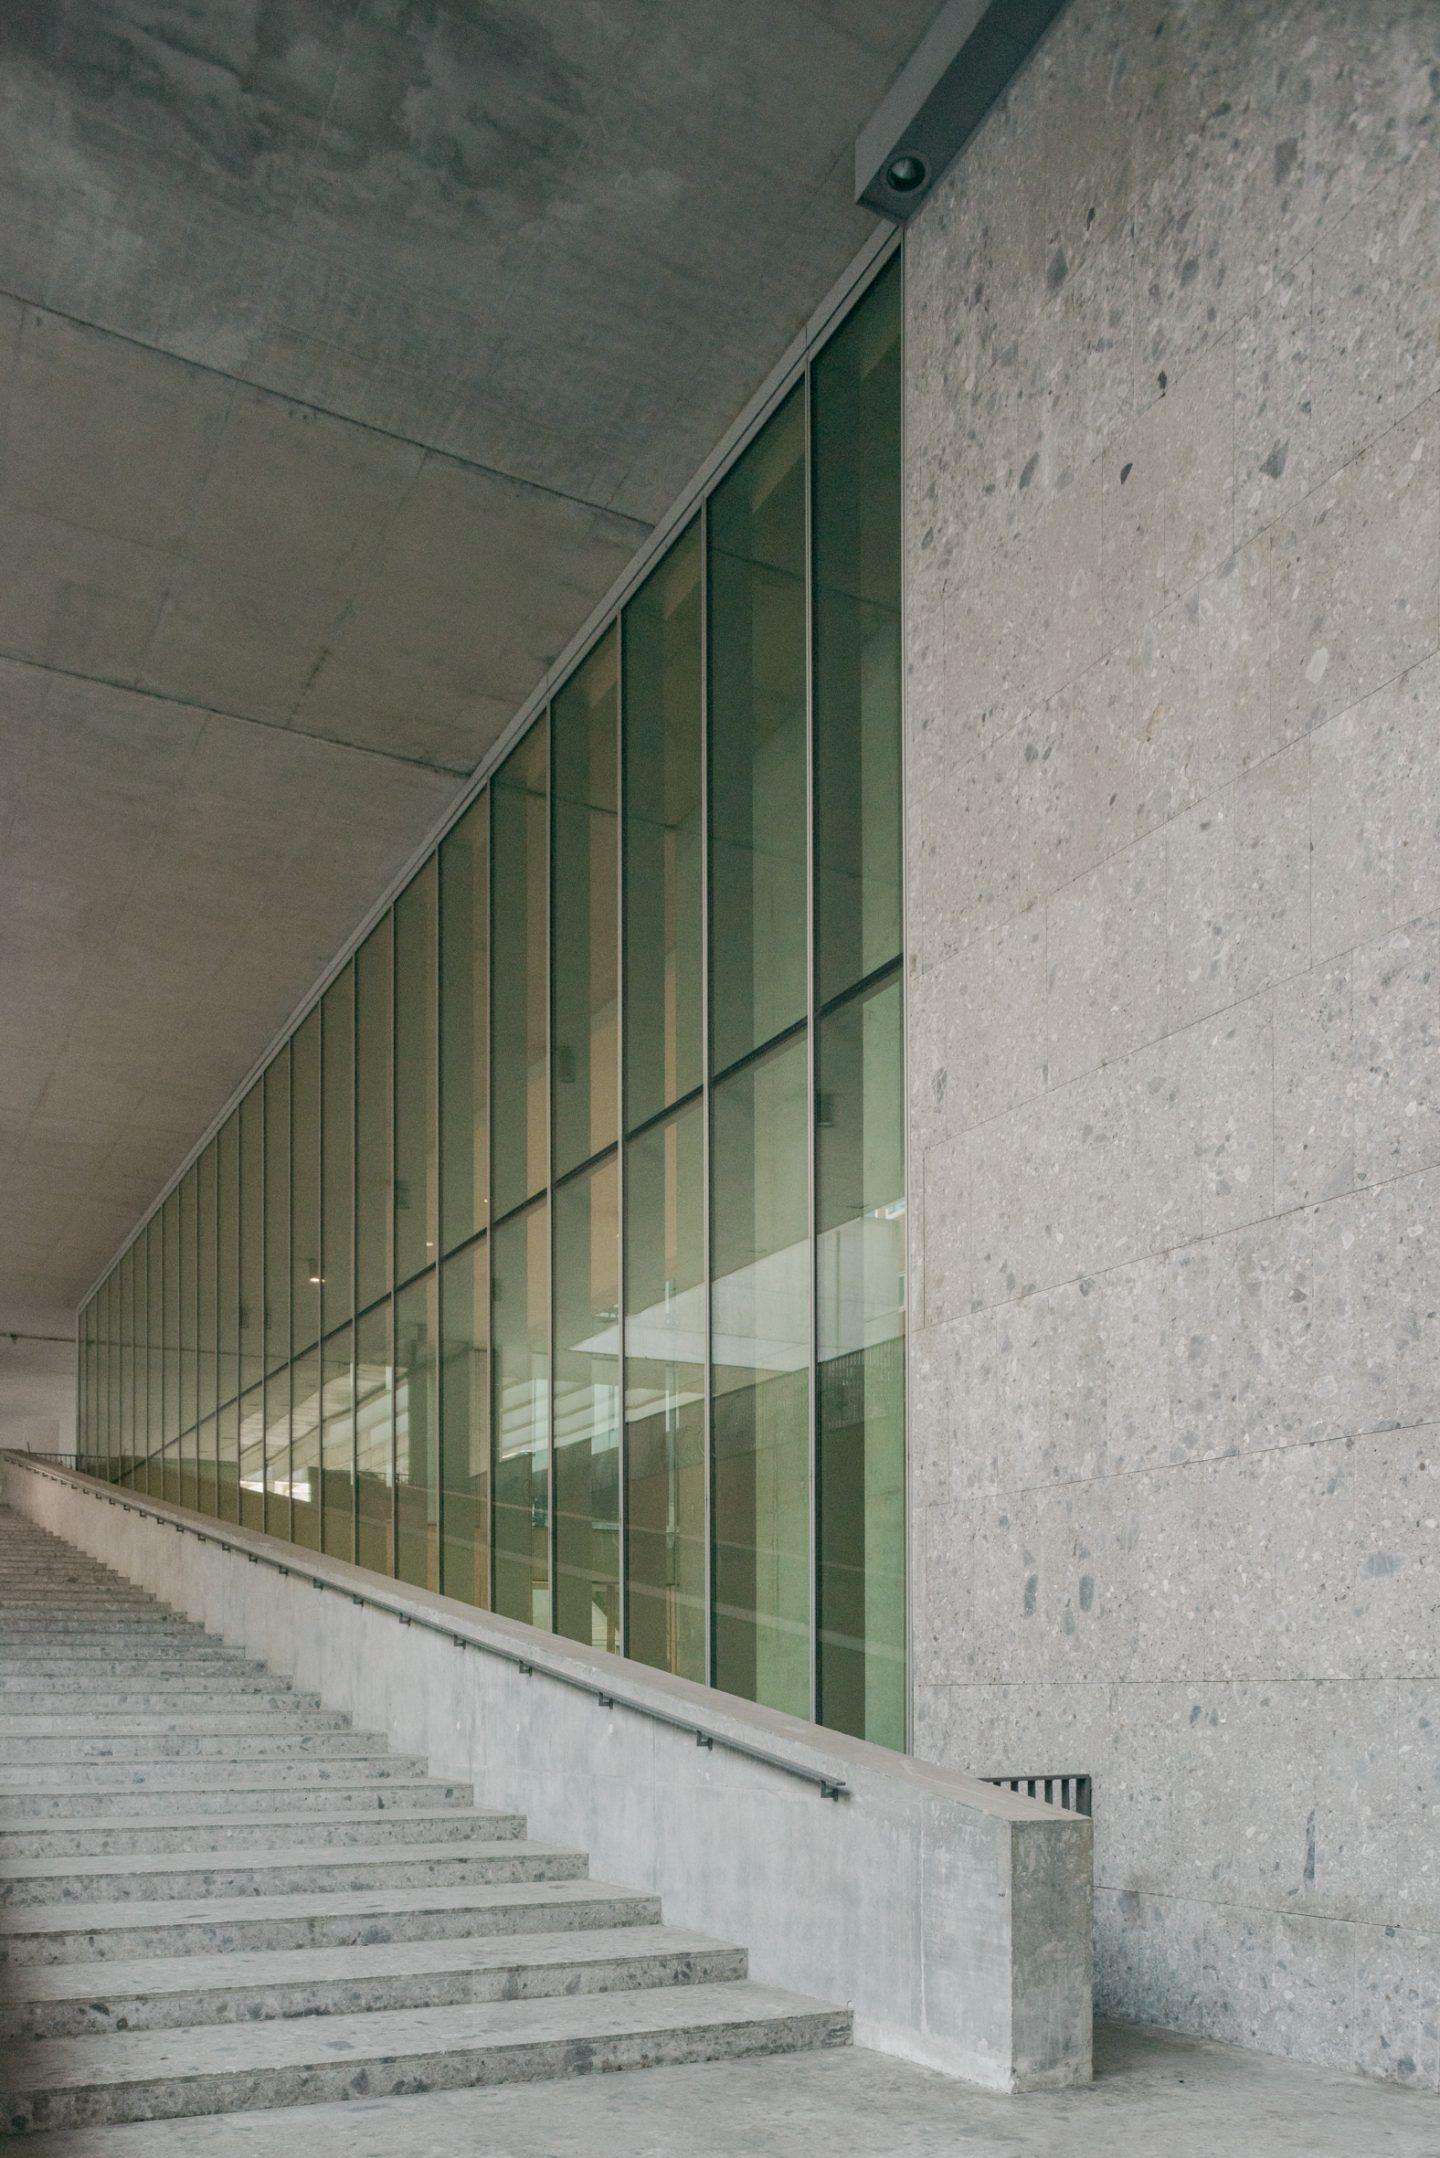 IGNANT-Travel-Lorenzo-Zandri-Grafton-Bocconi-University-08